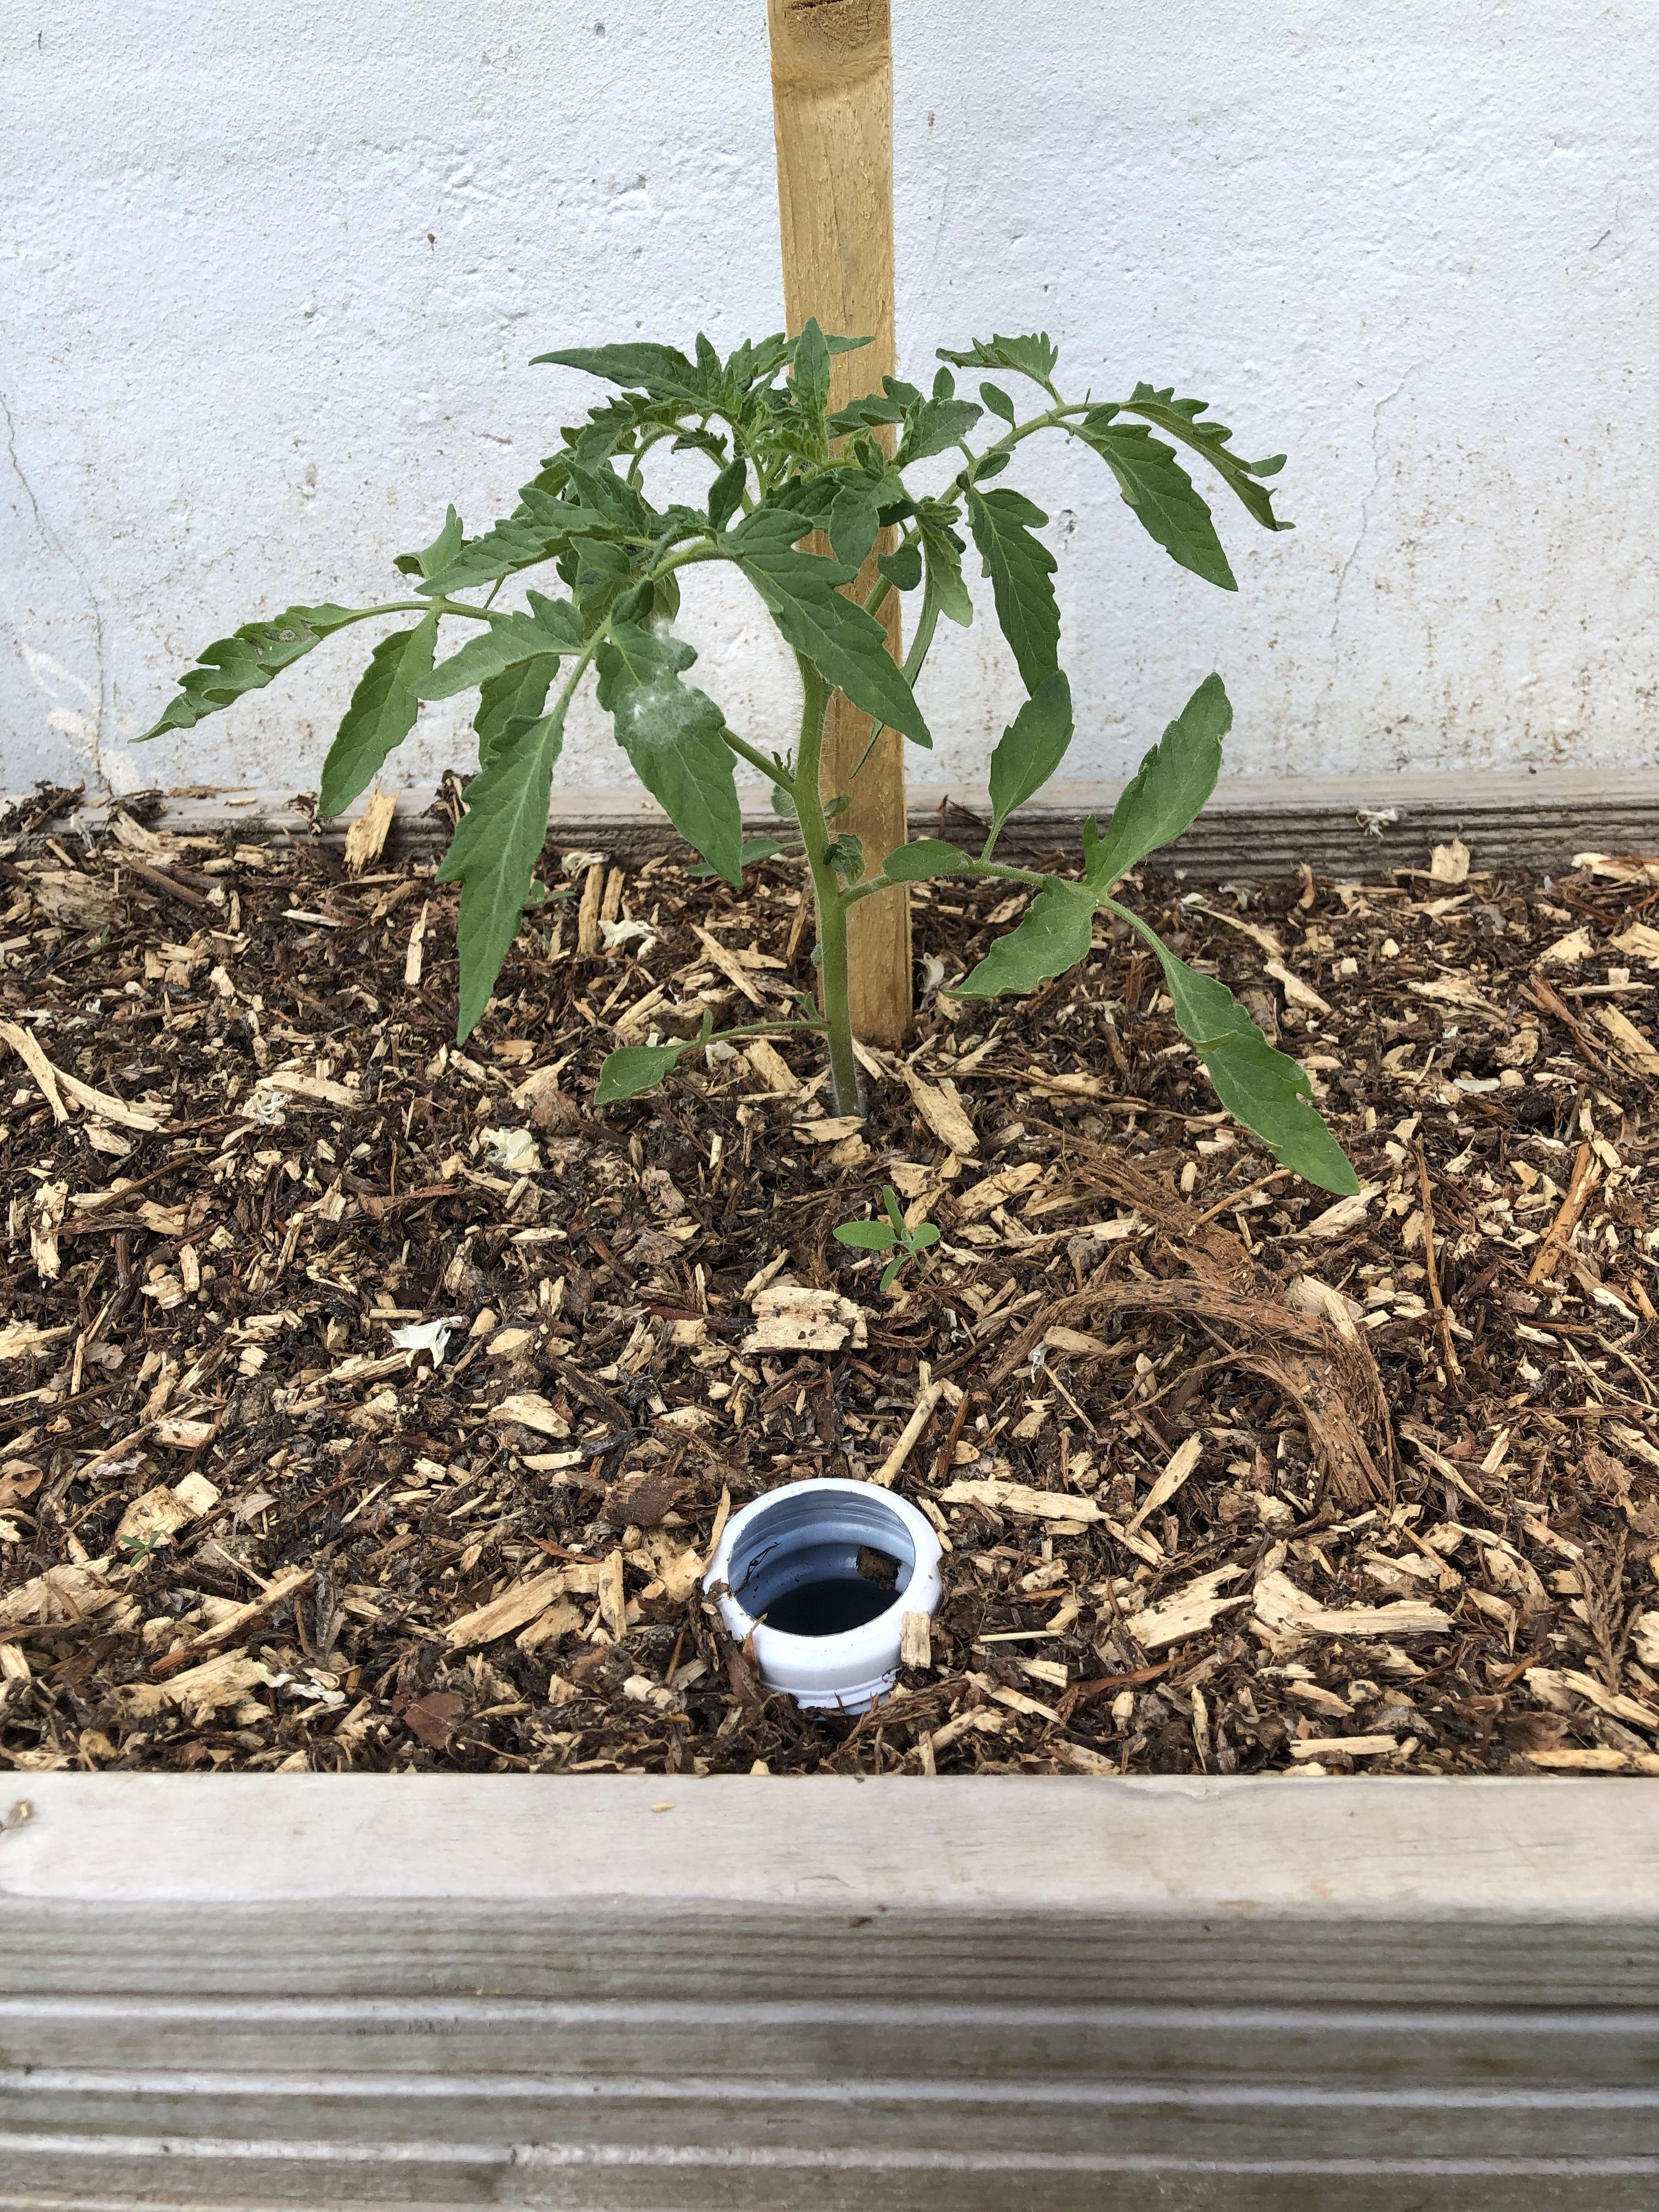 Épinglé sur Tomates. Planter des Tomates